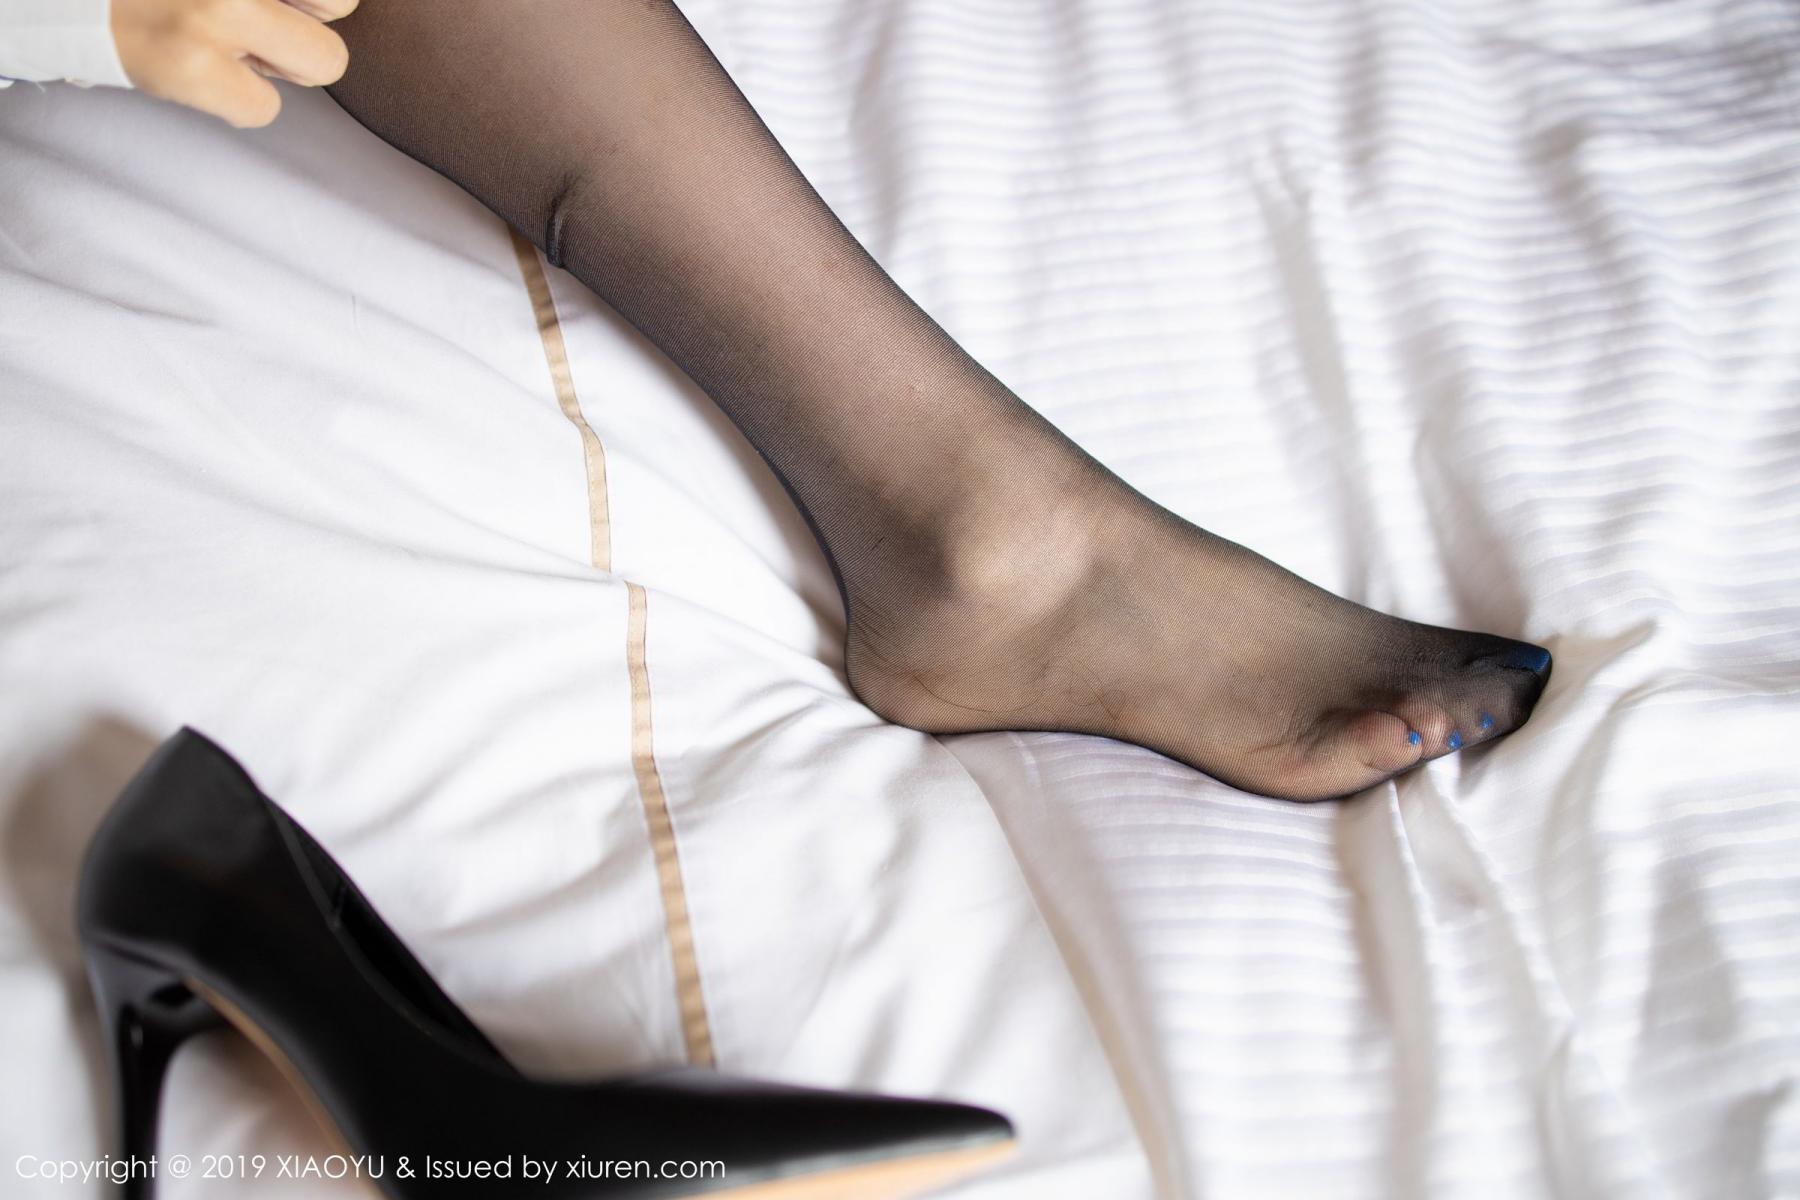 [XiaoYu] Vol.181 Yuner Claire 54P, Black Silk, Underwear, XiaoYu, Yuner Claire